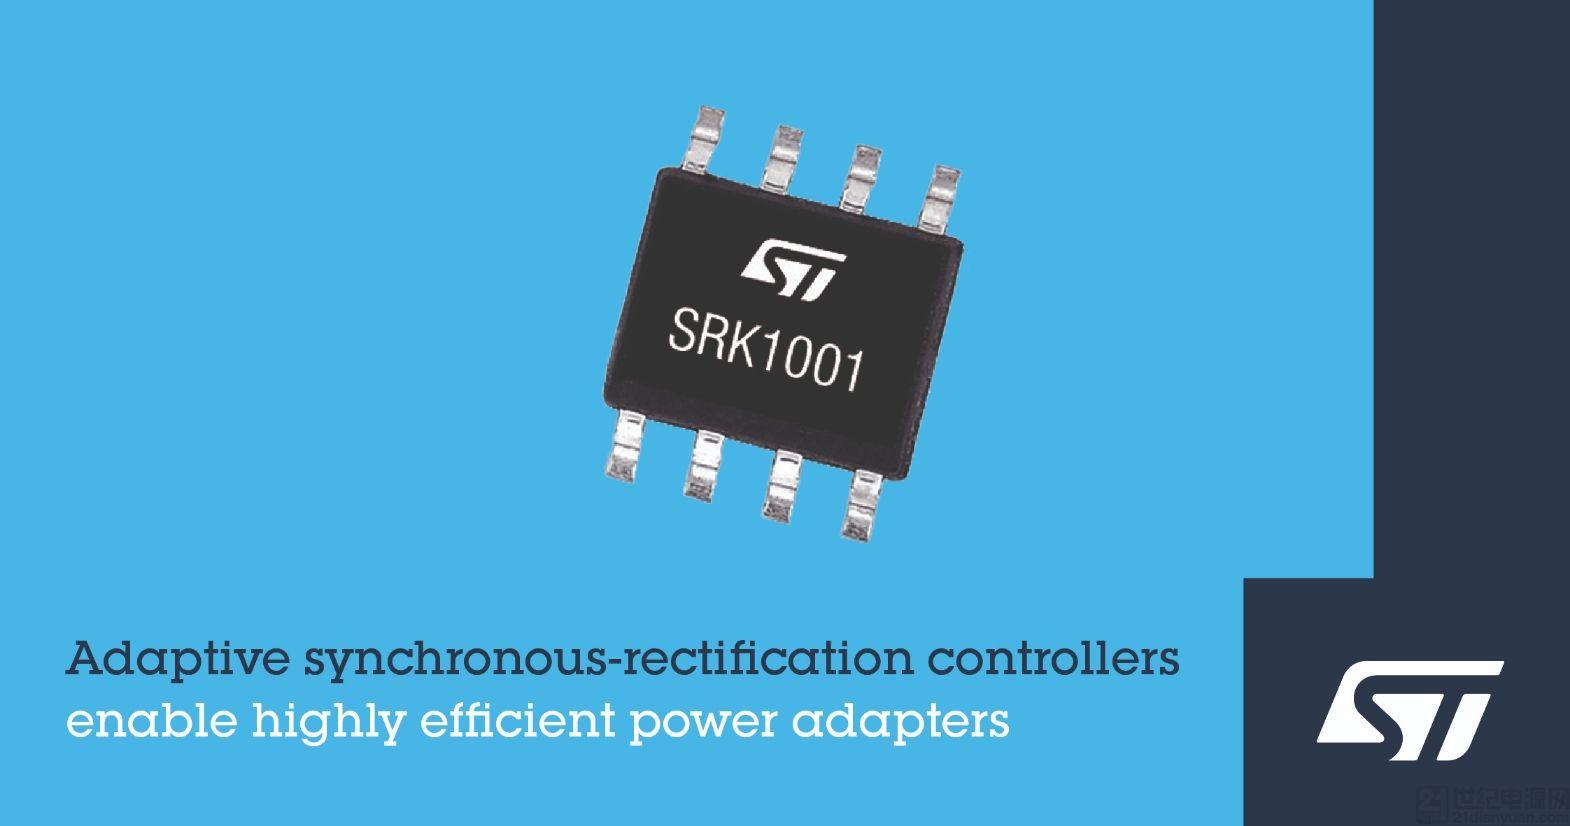 意法半导体发布创新的同步整流控制器适用于高效率经济型电源适配器